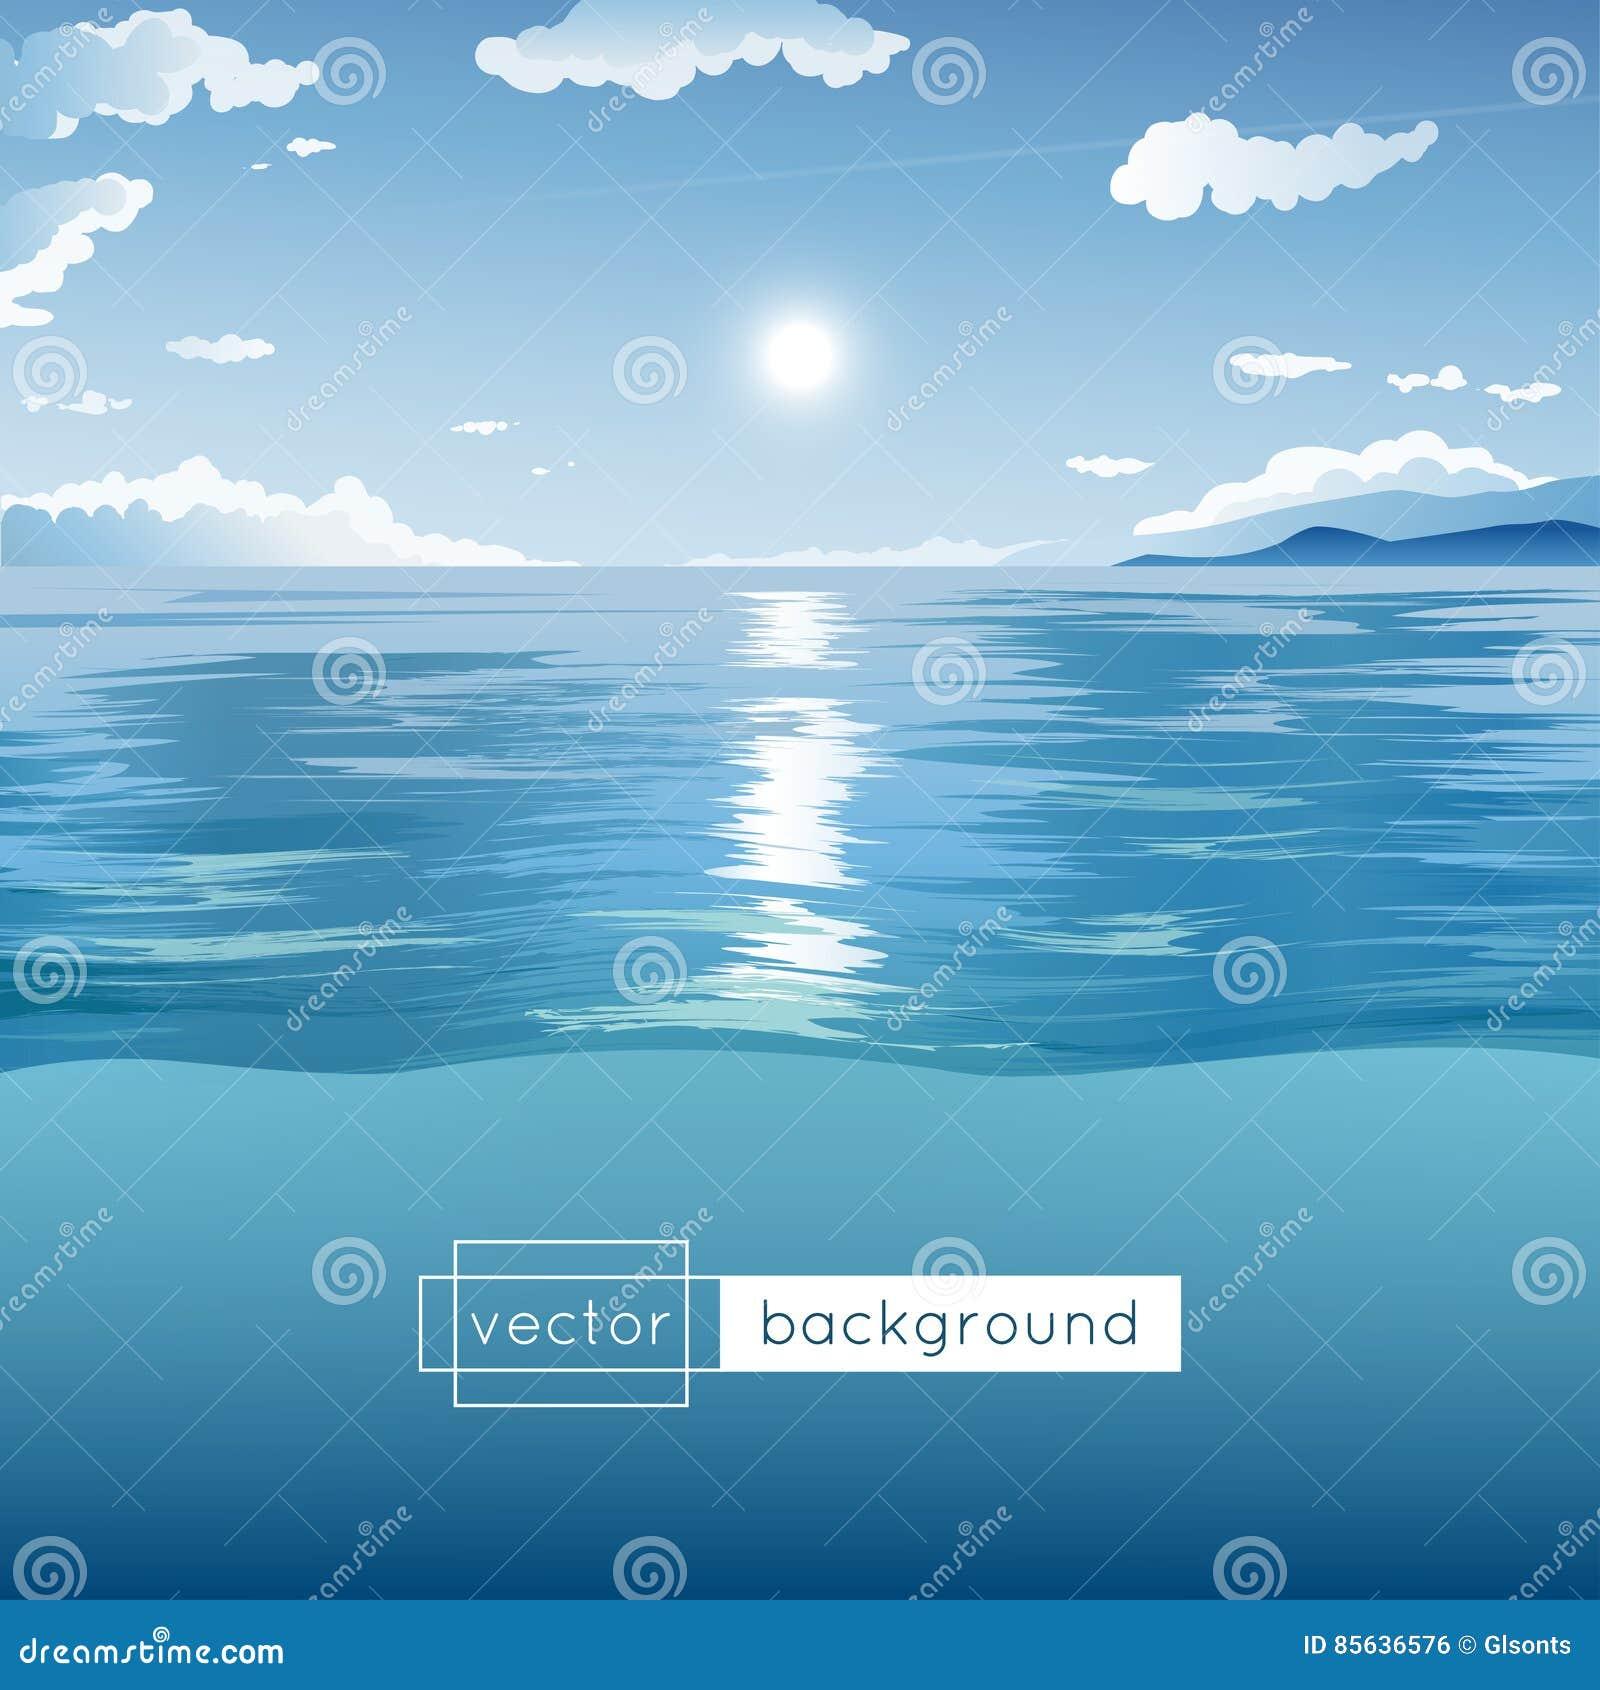 Vector Landschaft Mit Meer, Blauem Himmel, Sonne, Wolken Und Hügeln ...